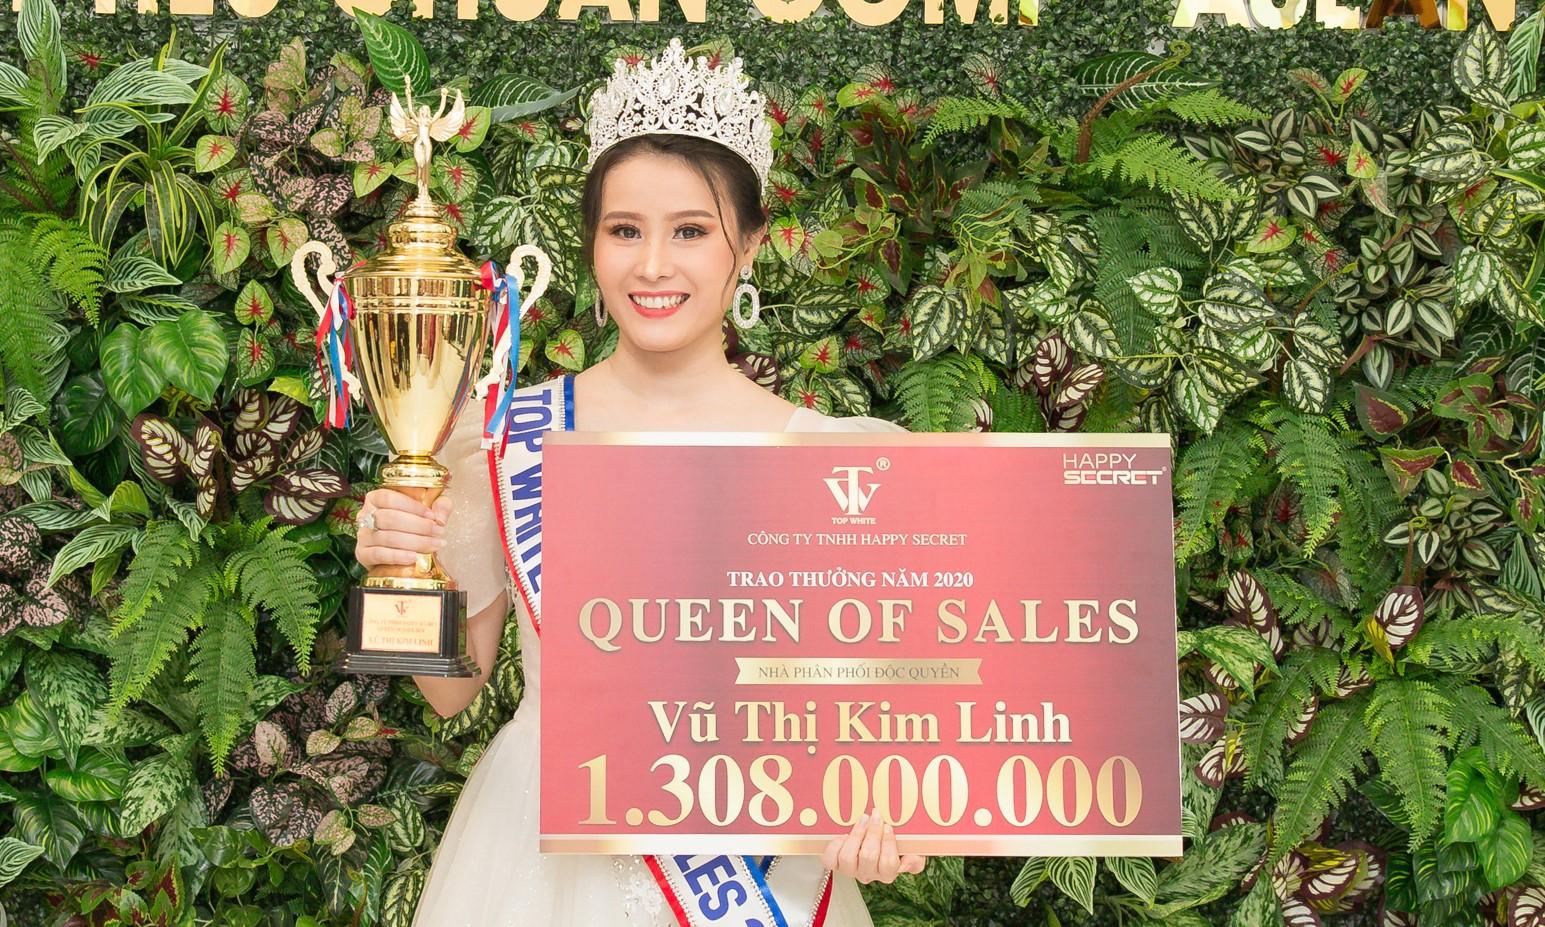 Nữ Hoàng Sales Vũ Thị Kim Linh nhận tổng giải thưởng 1.308.000.000đ